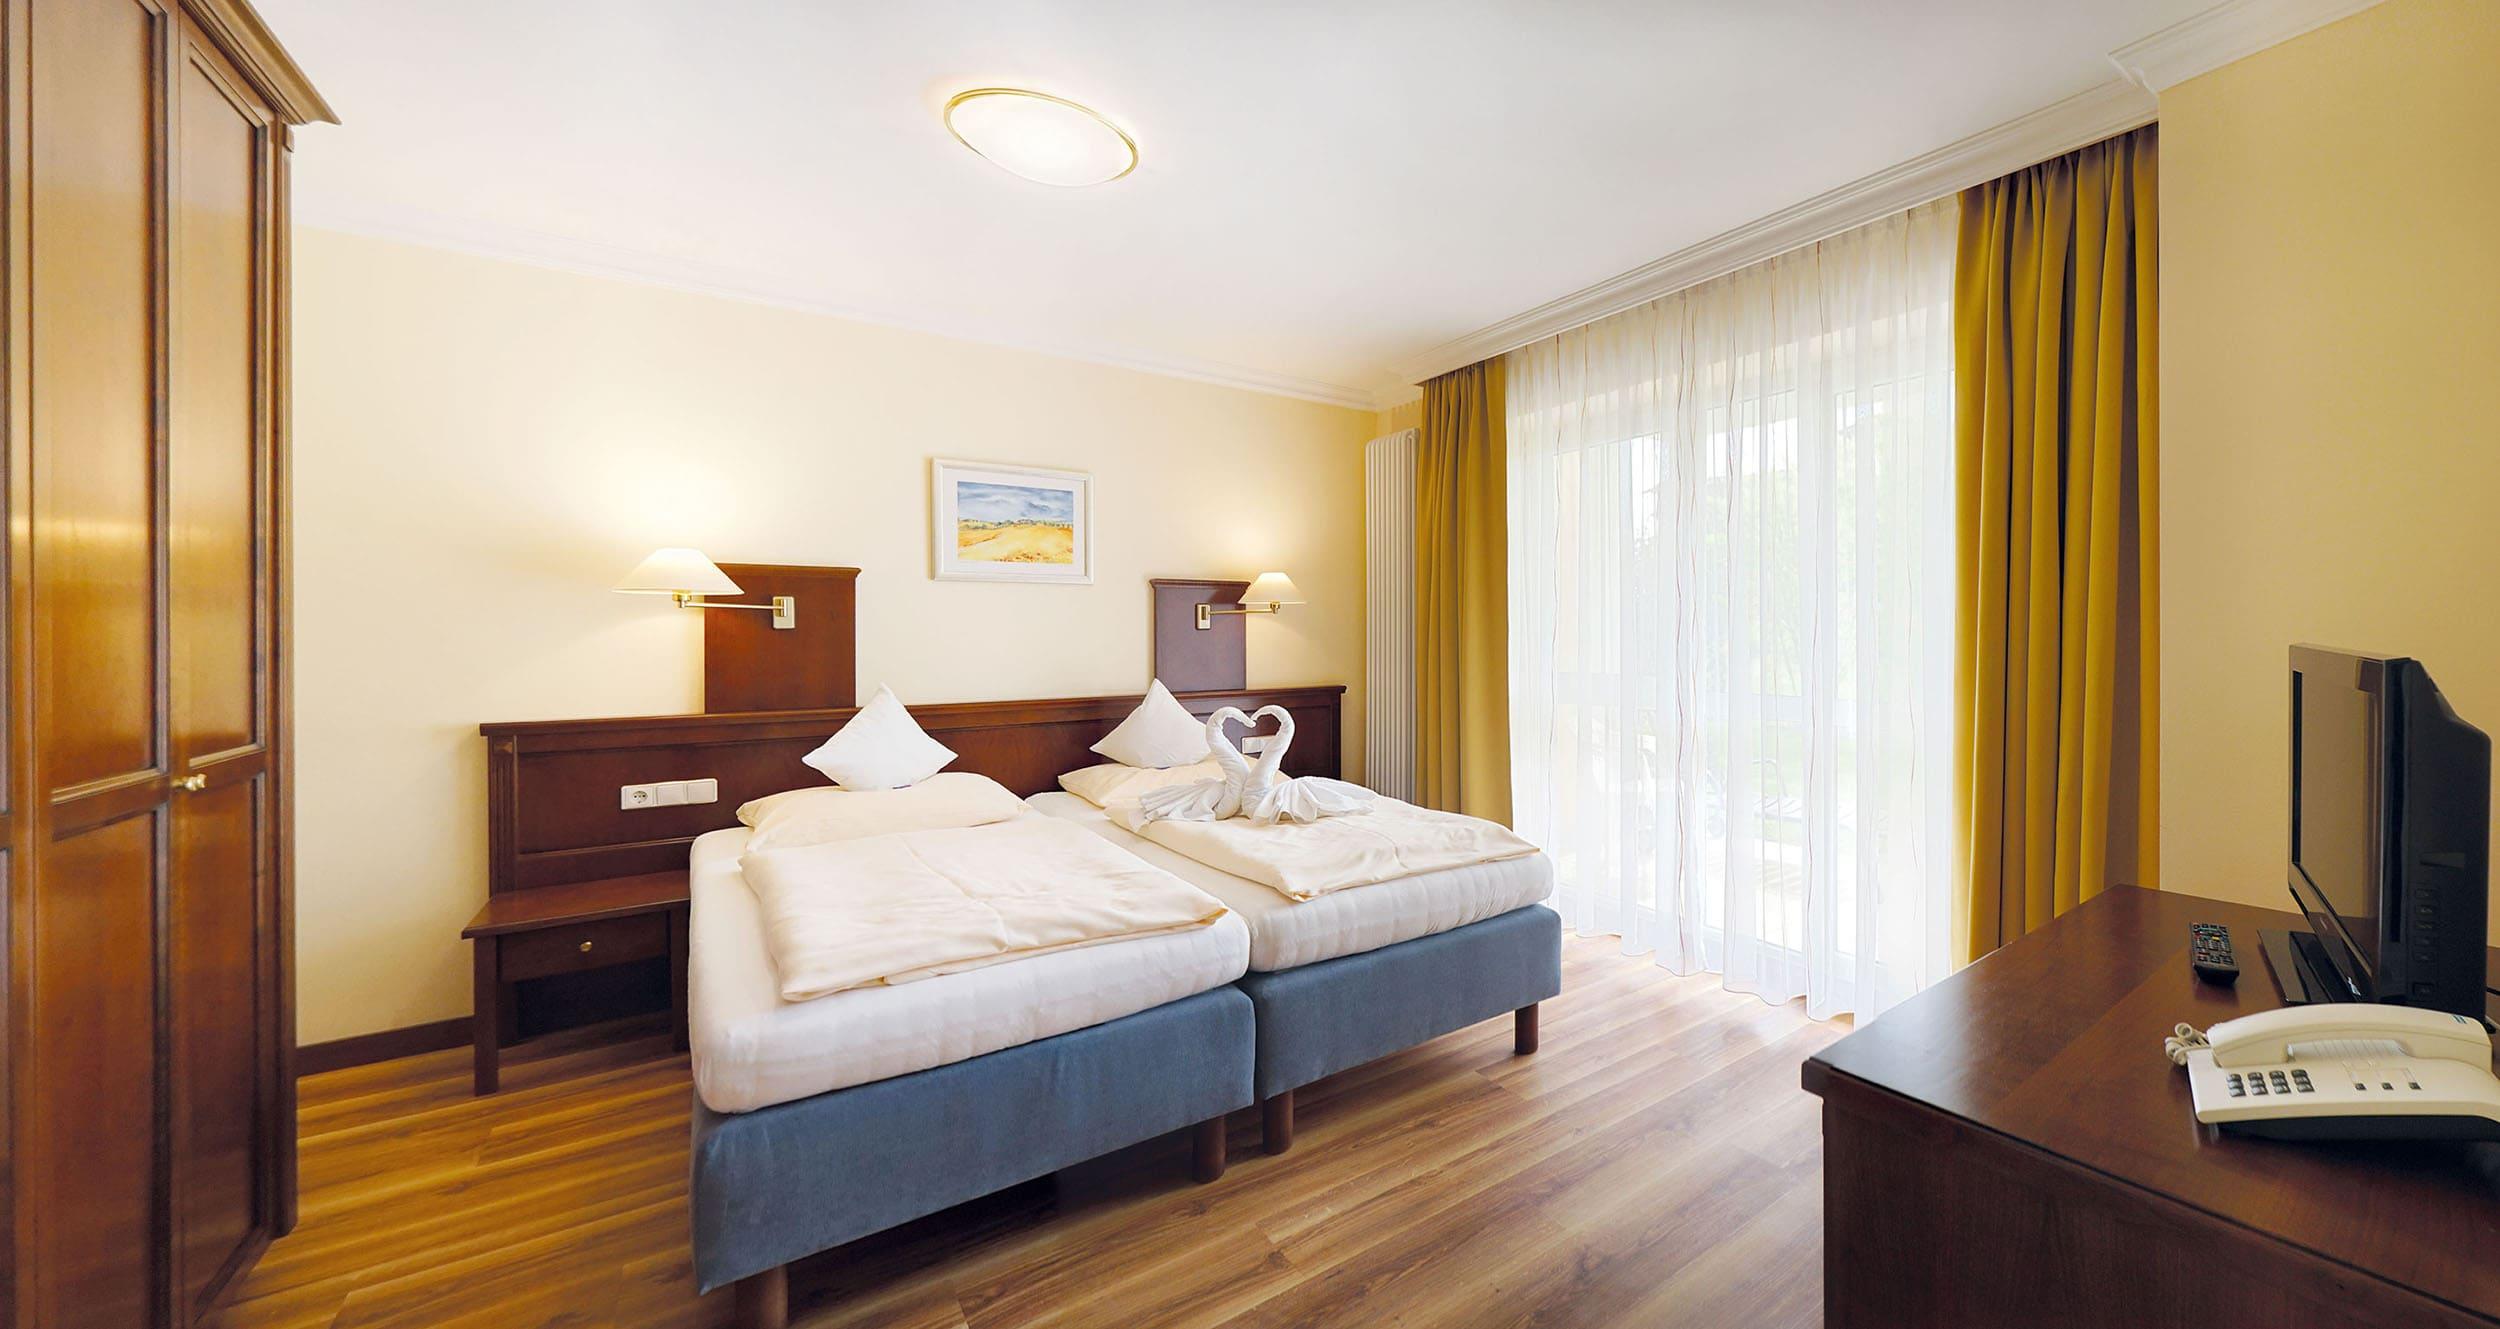 hotel vital vallaster garni bad füssing behindertengerechte suite schlafzimmer